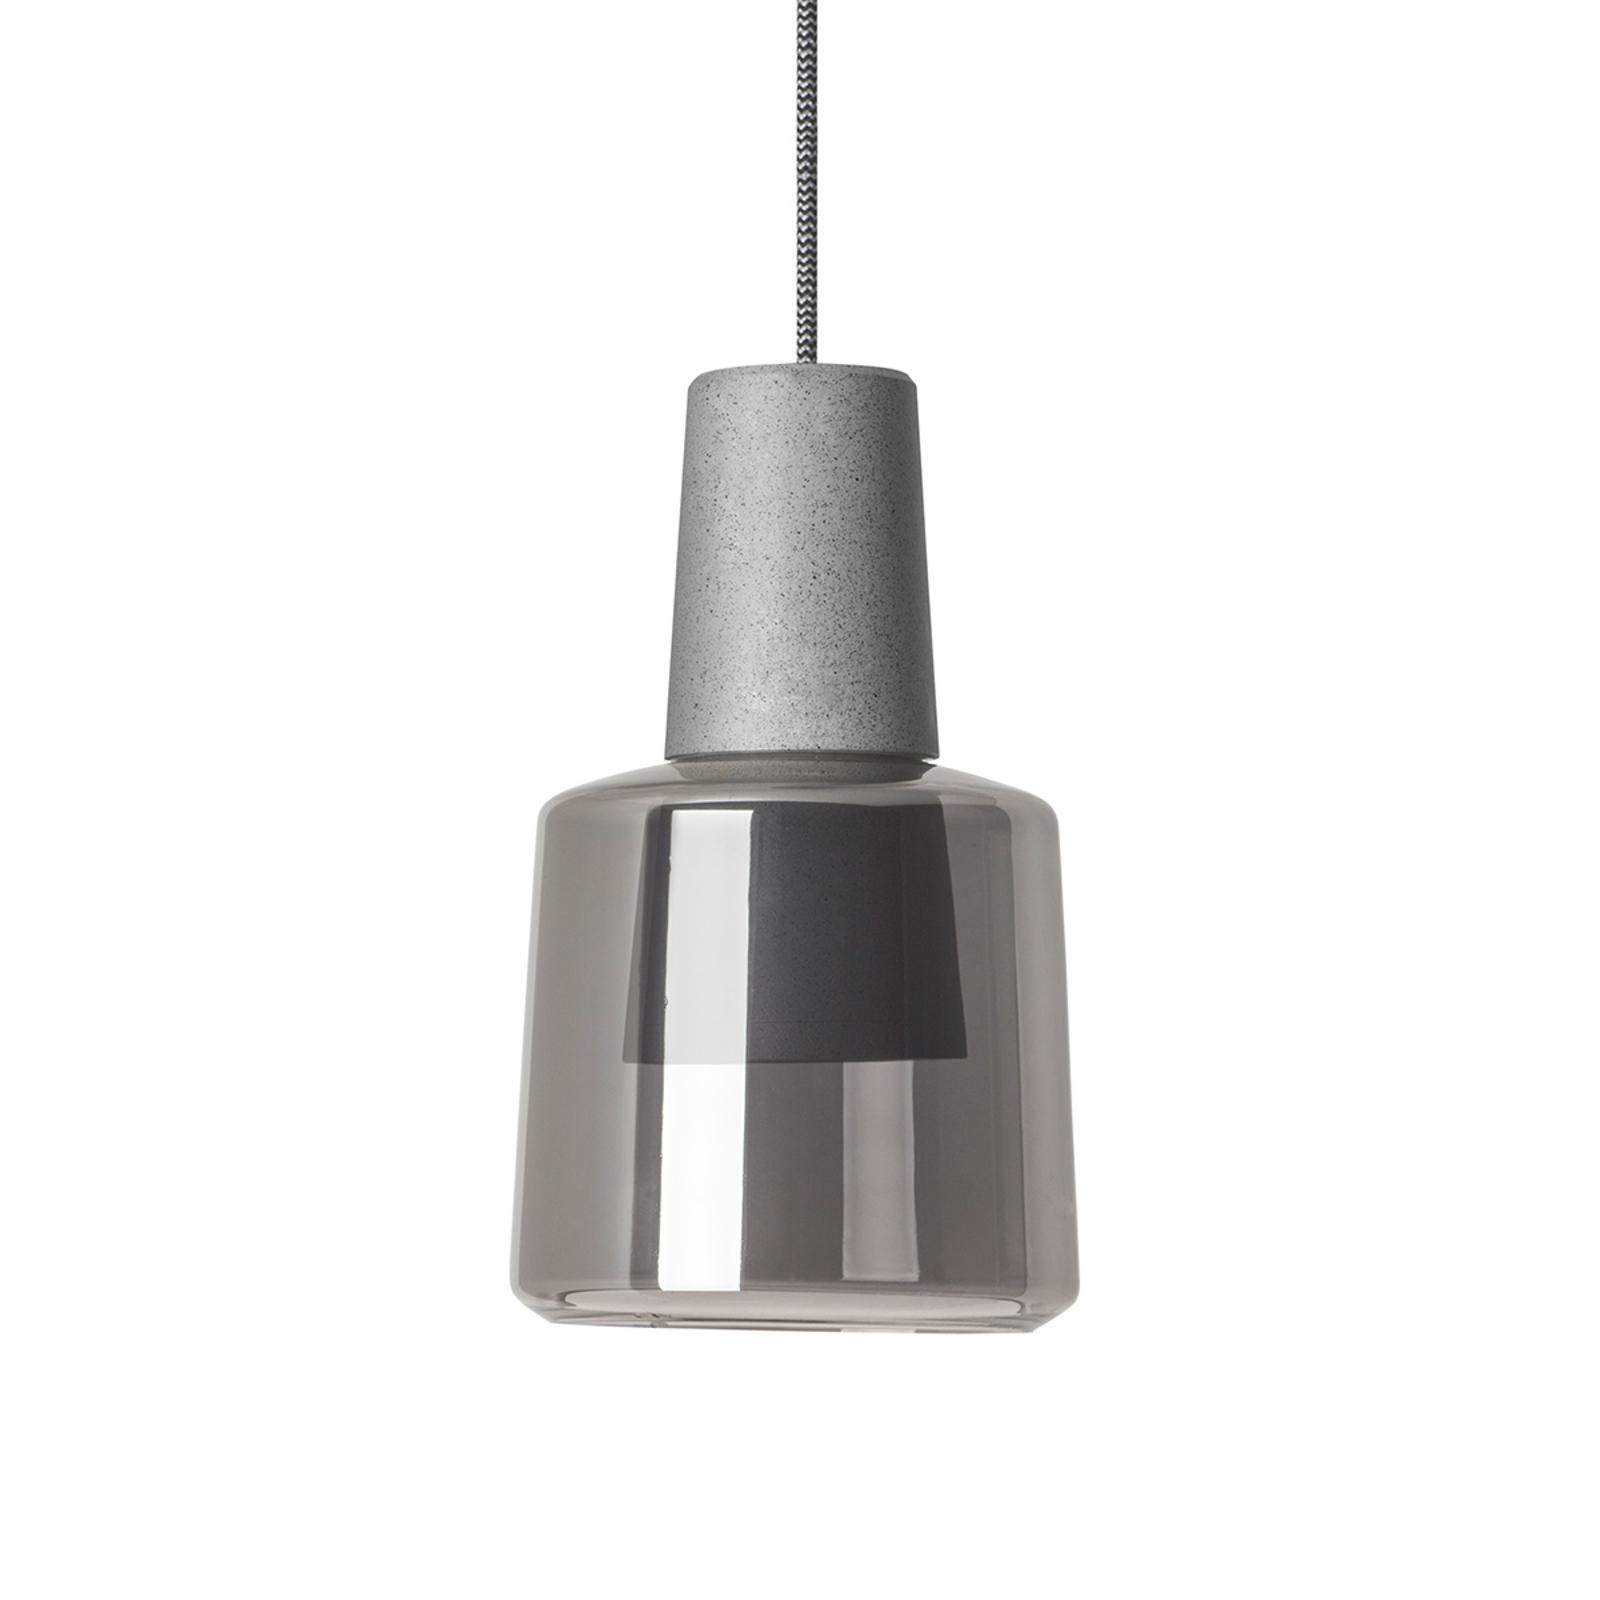 LEDS-C4 Khoi Surfaced hængelampe, røggrå/cement